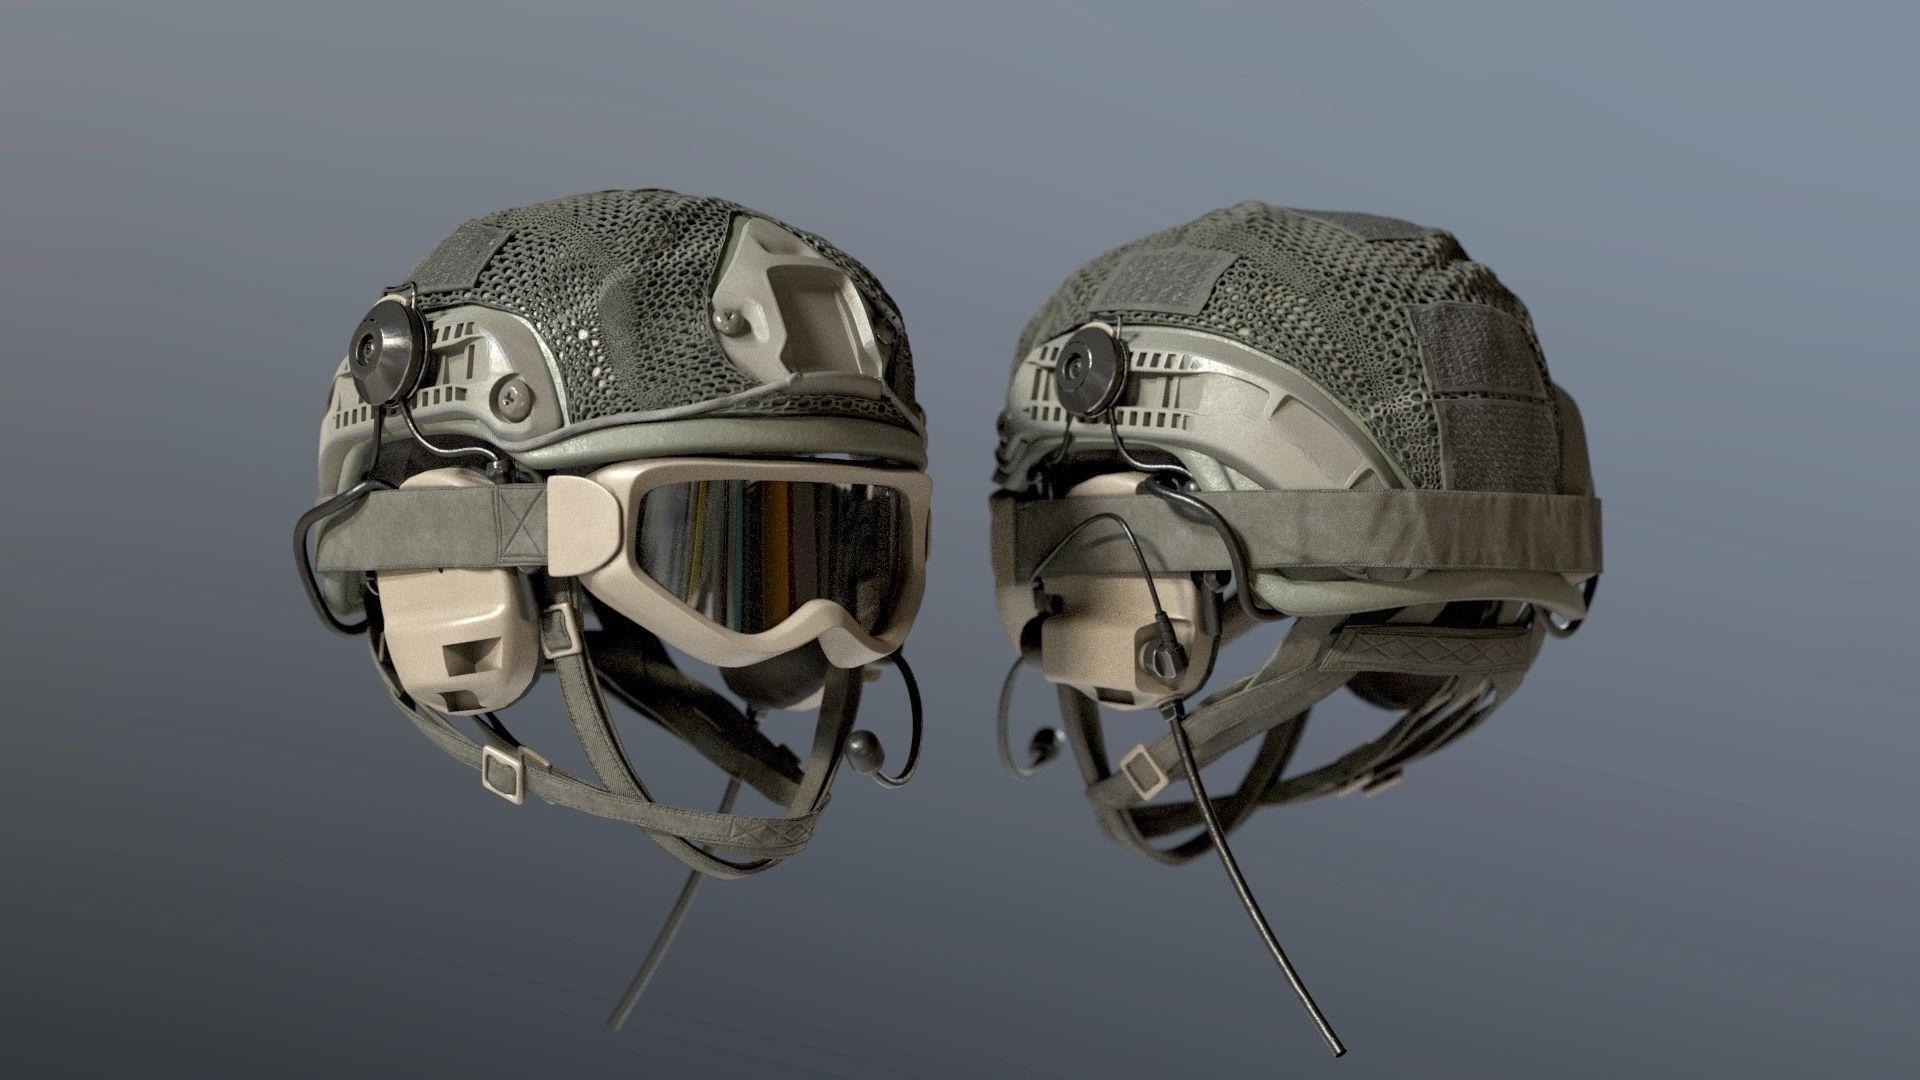 SOLDIER Helmet bulletproof